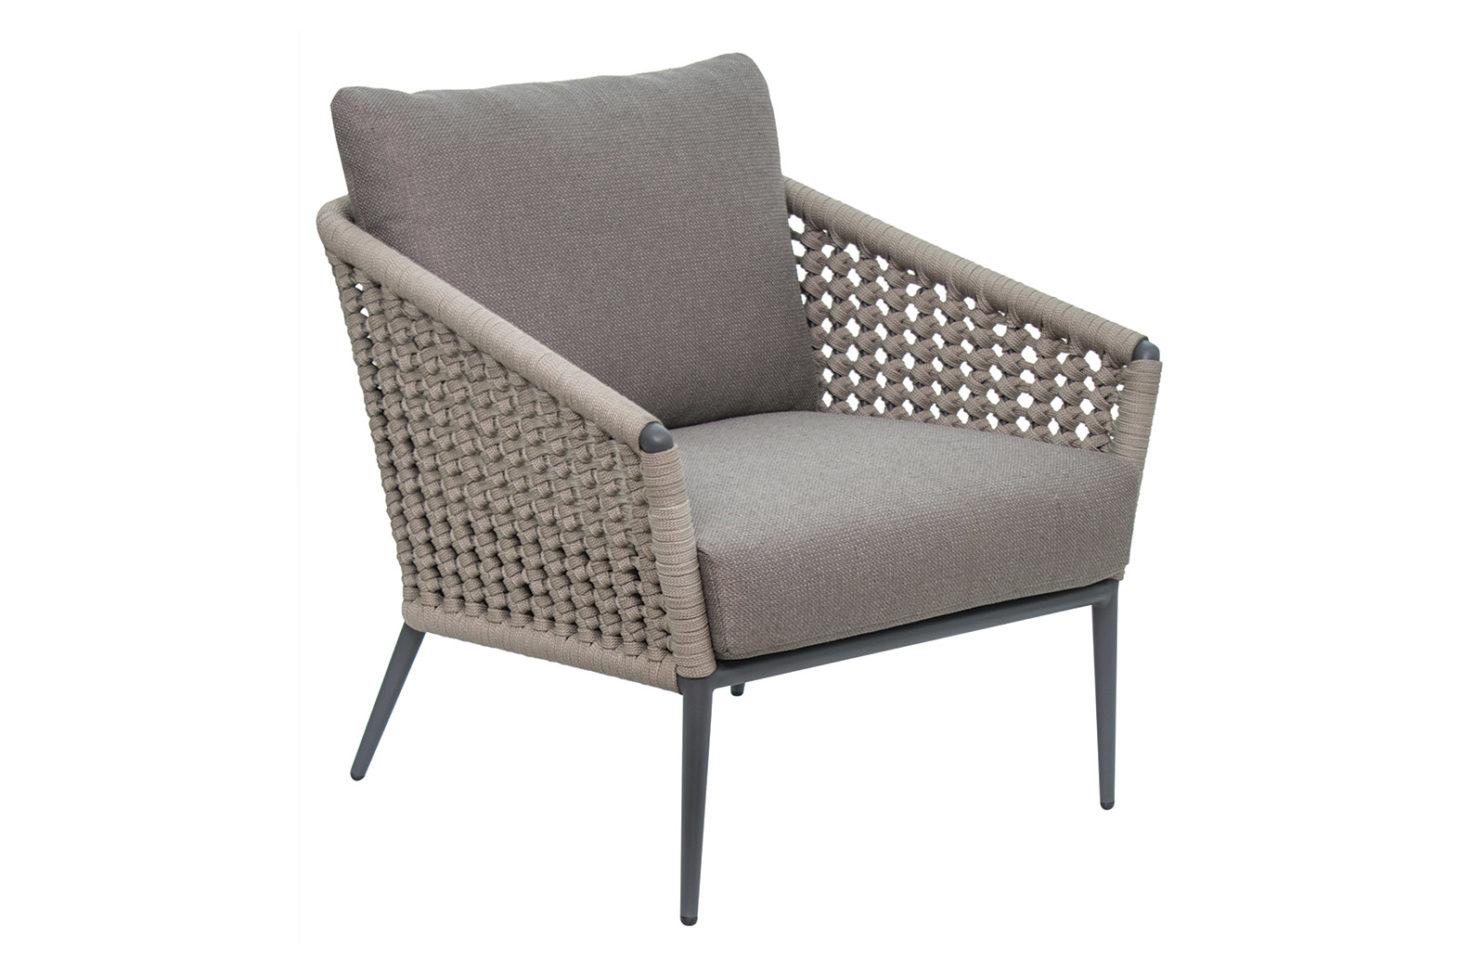 Archipelago Antilles Chair 620FT017P2DG 1 3Q